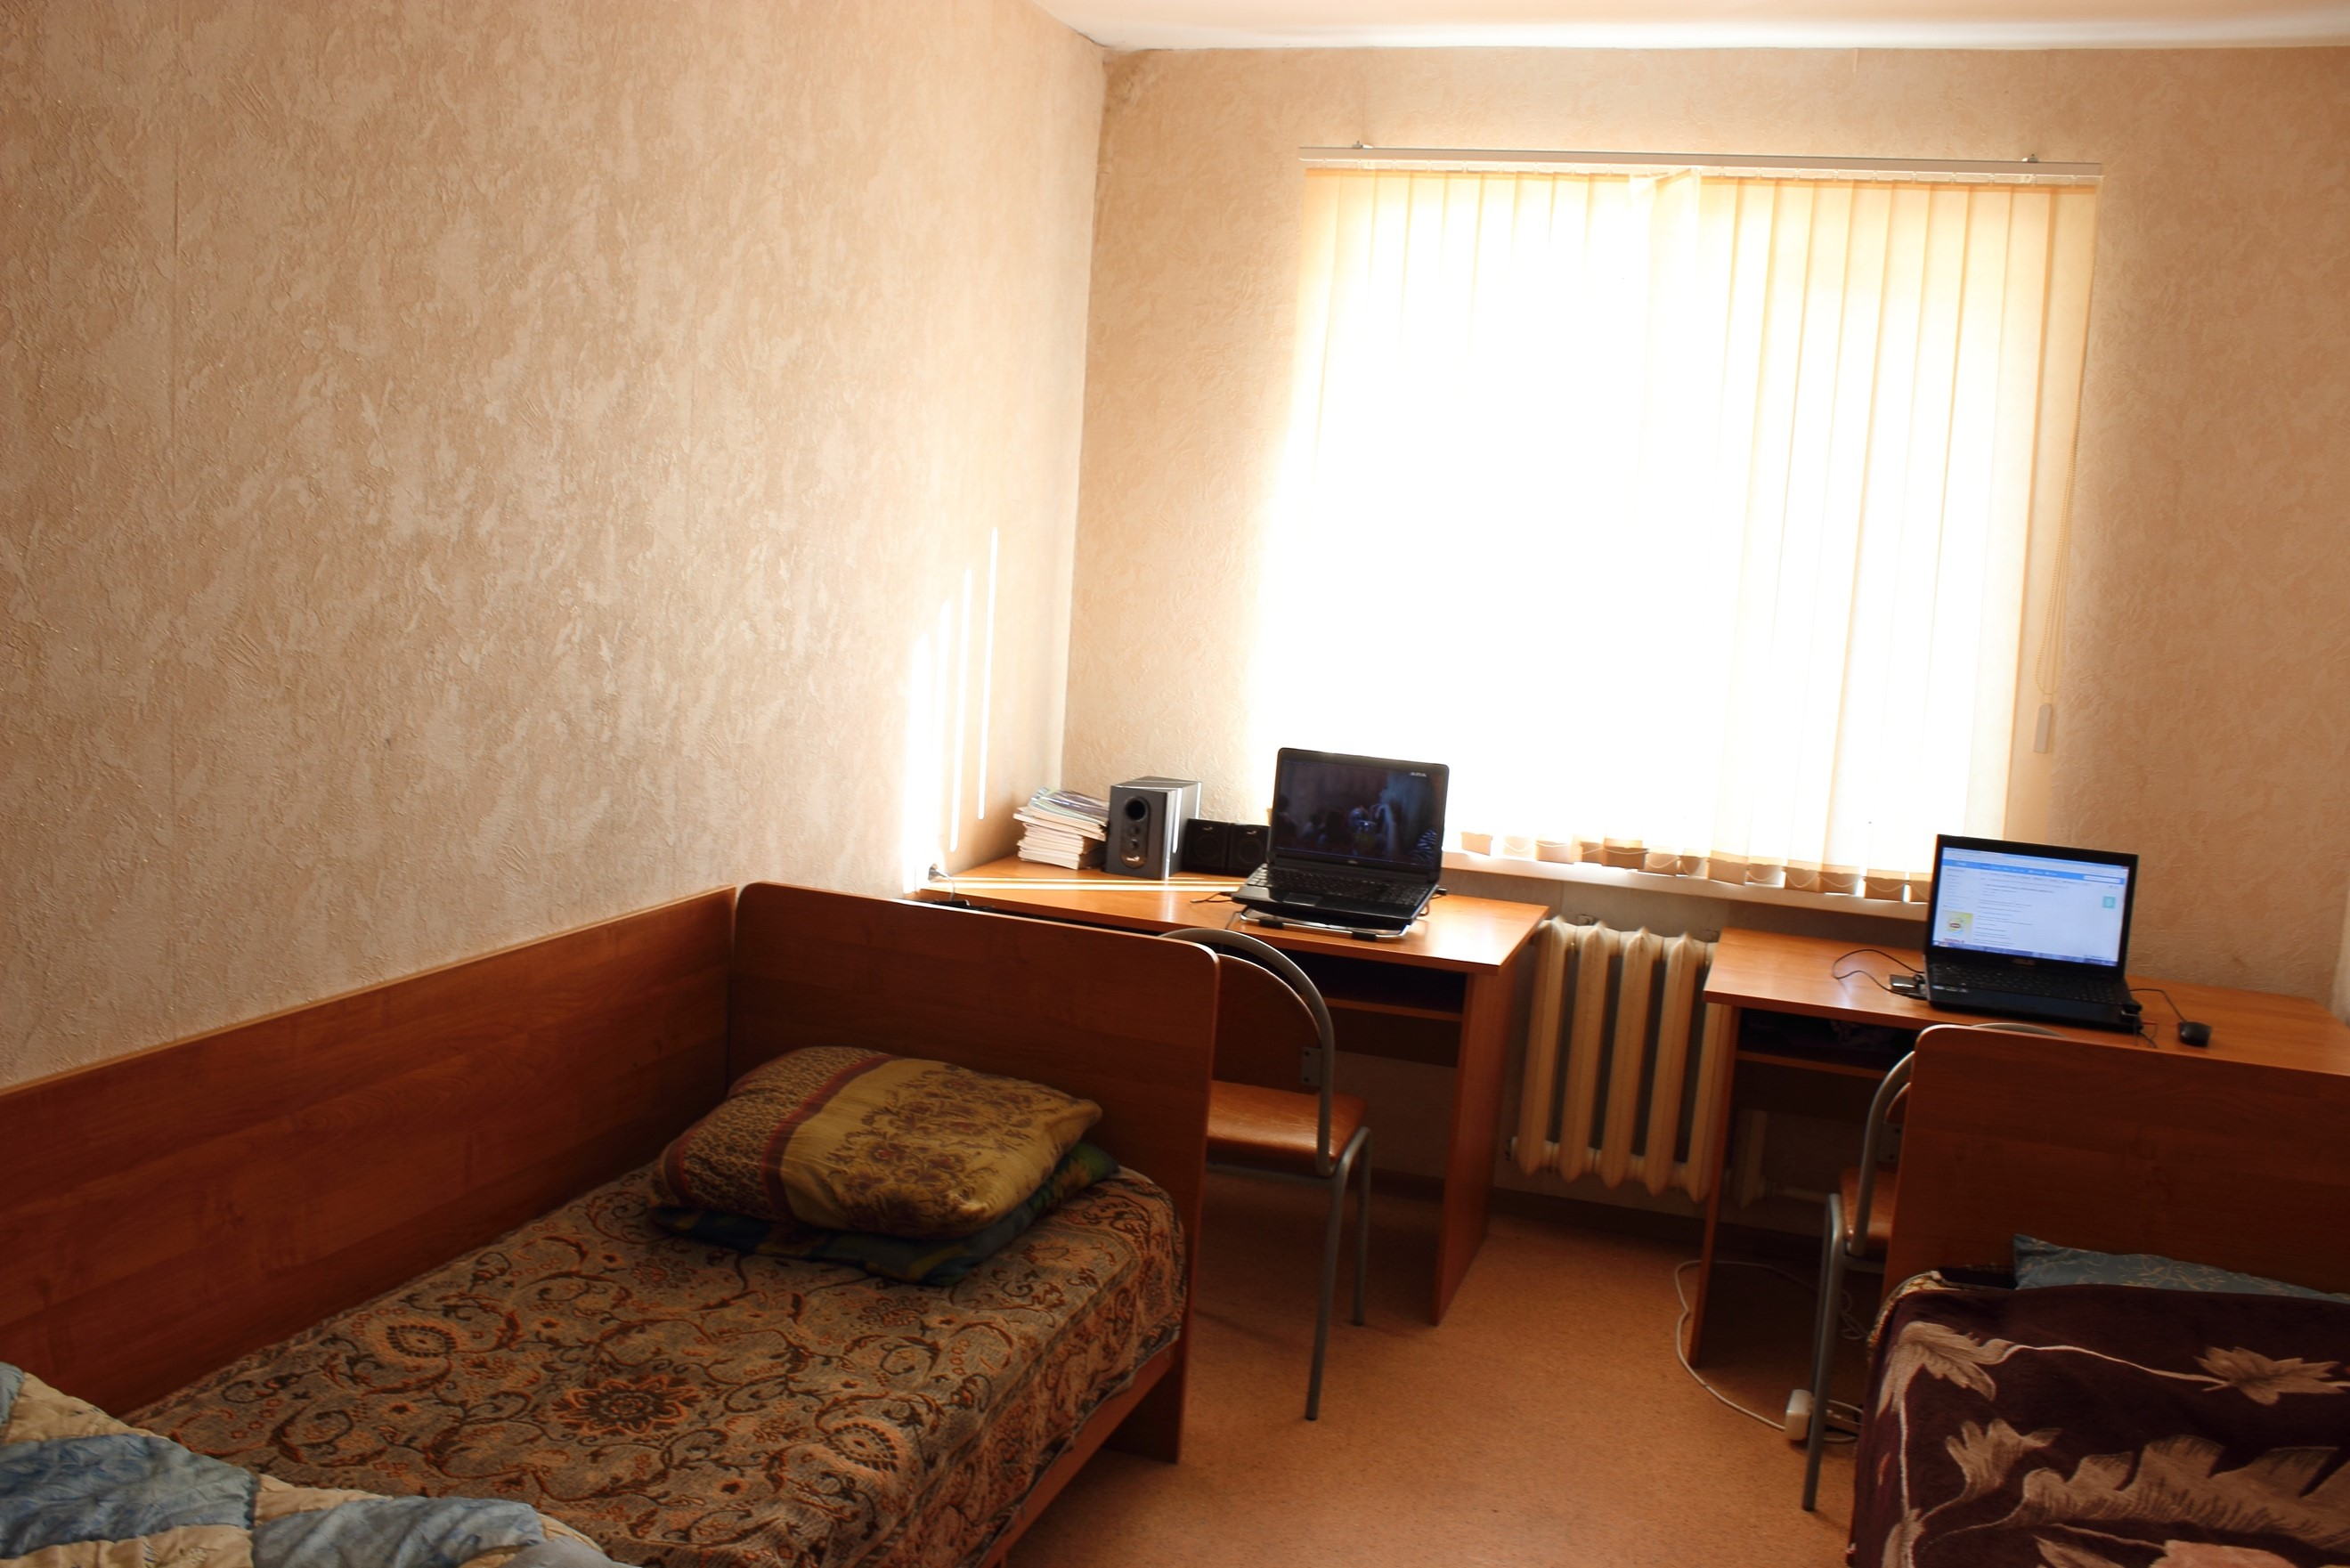 desvestirse dormitorio de la universidad